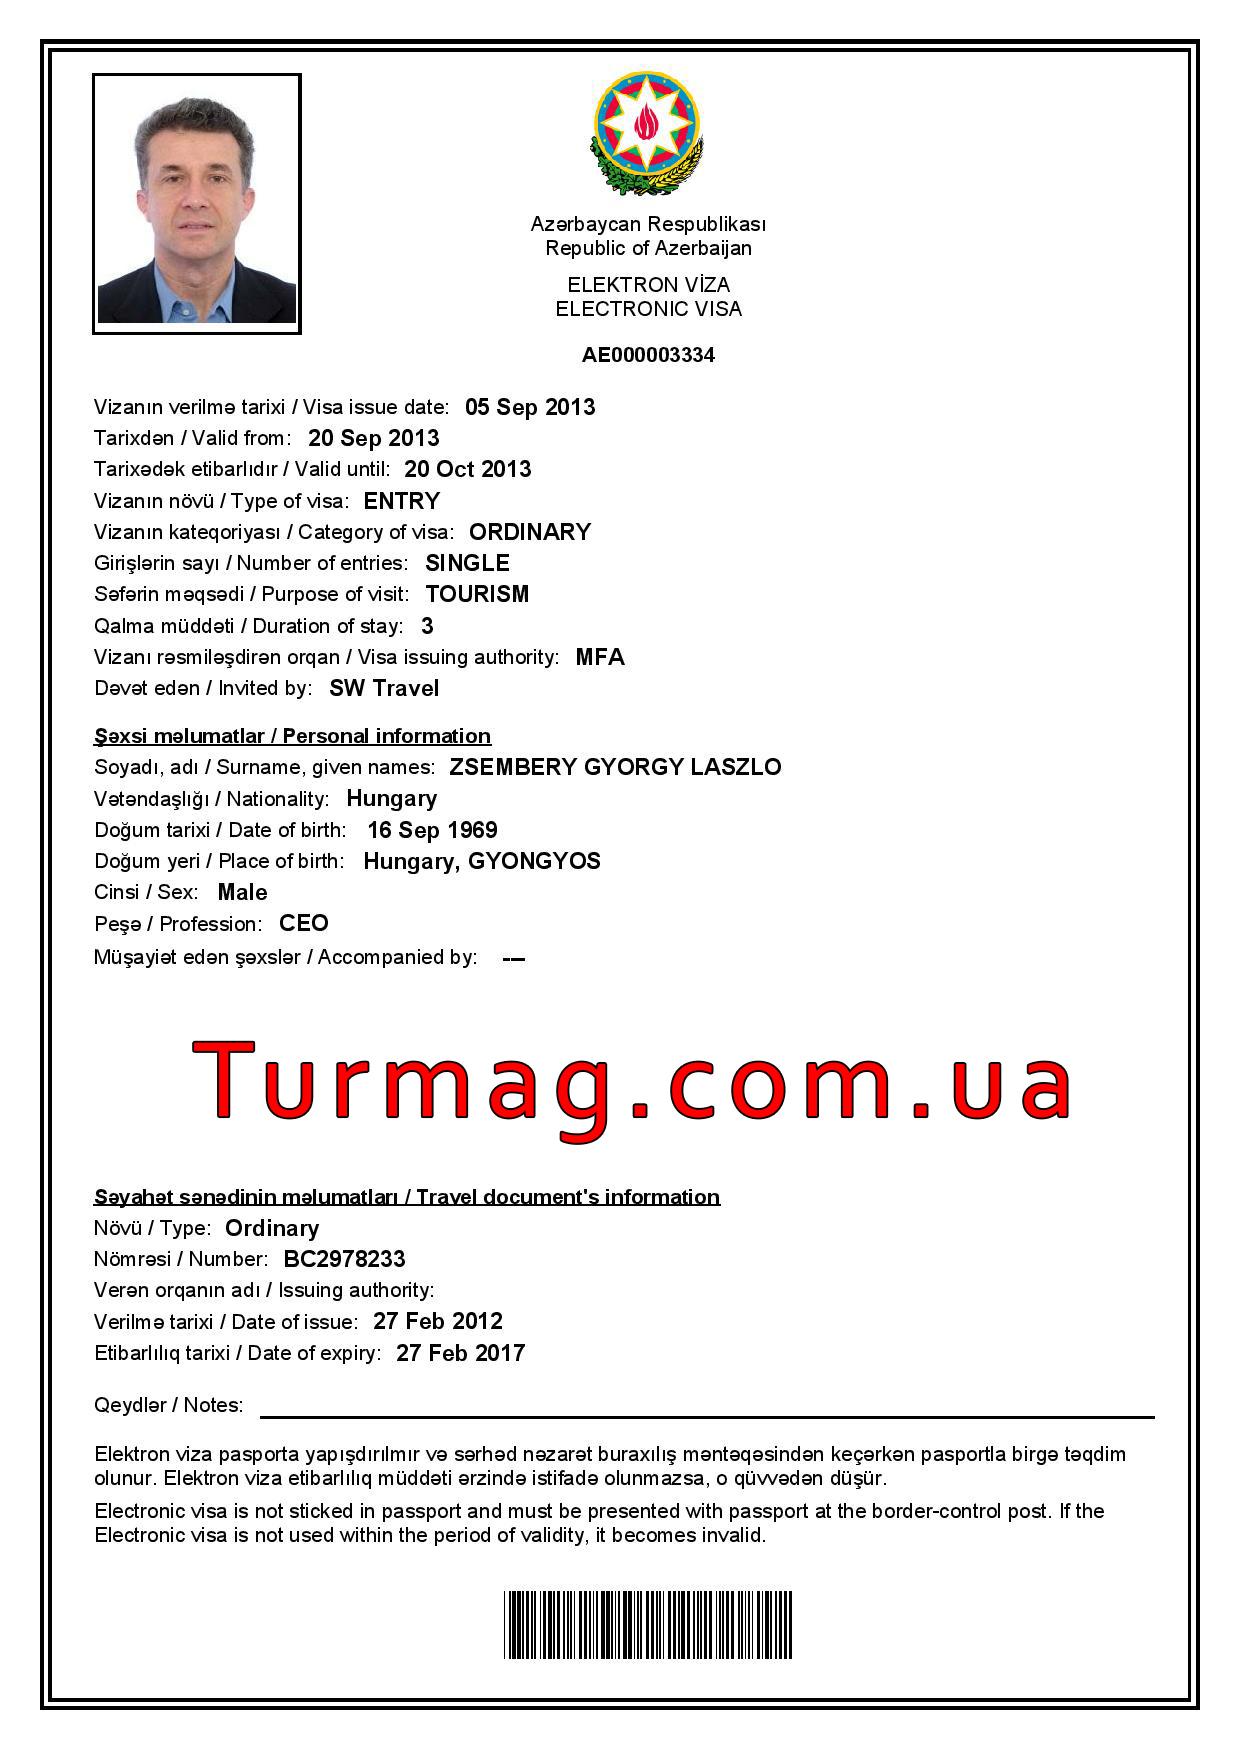 Внешний вид электронной визы в Азербайджан